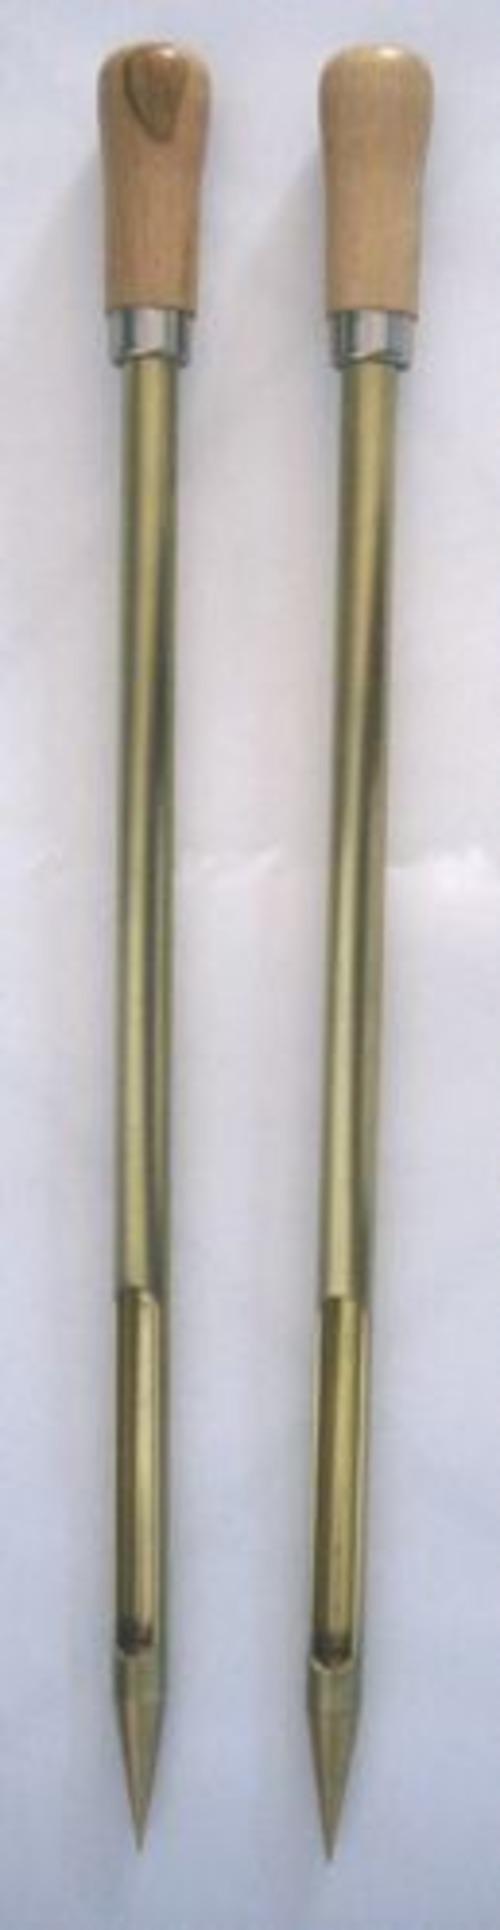 Probenzieher für Sackgut DN 20 mm